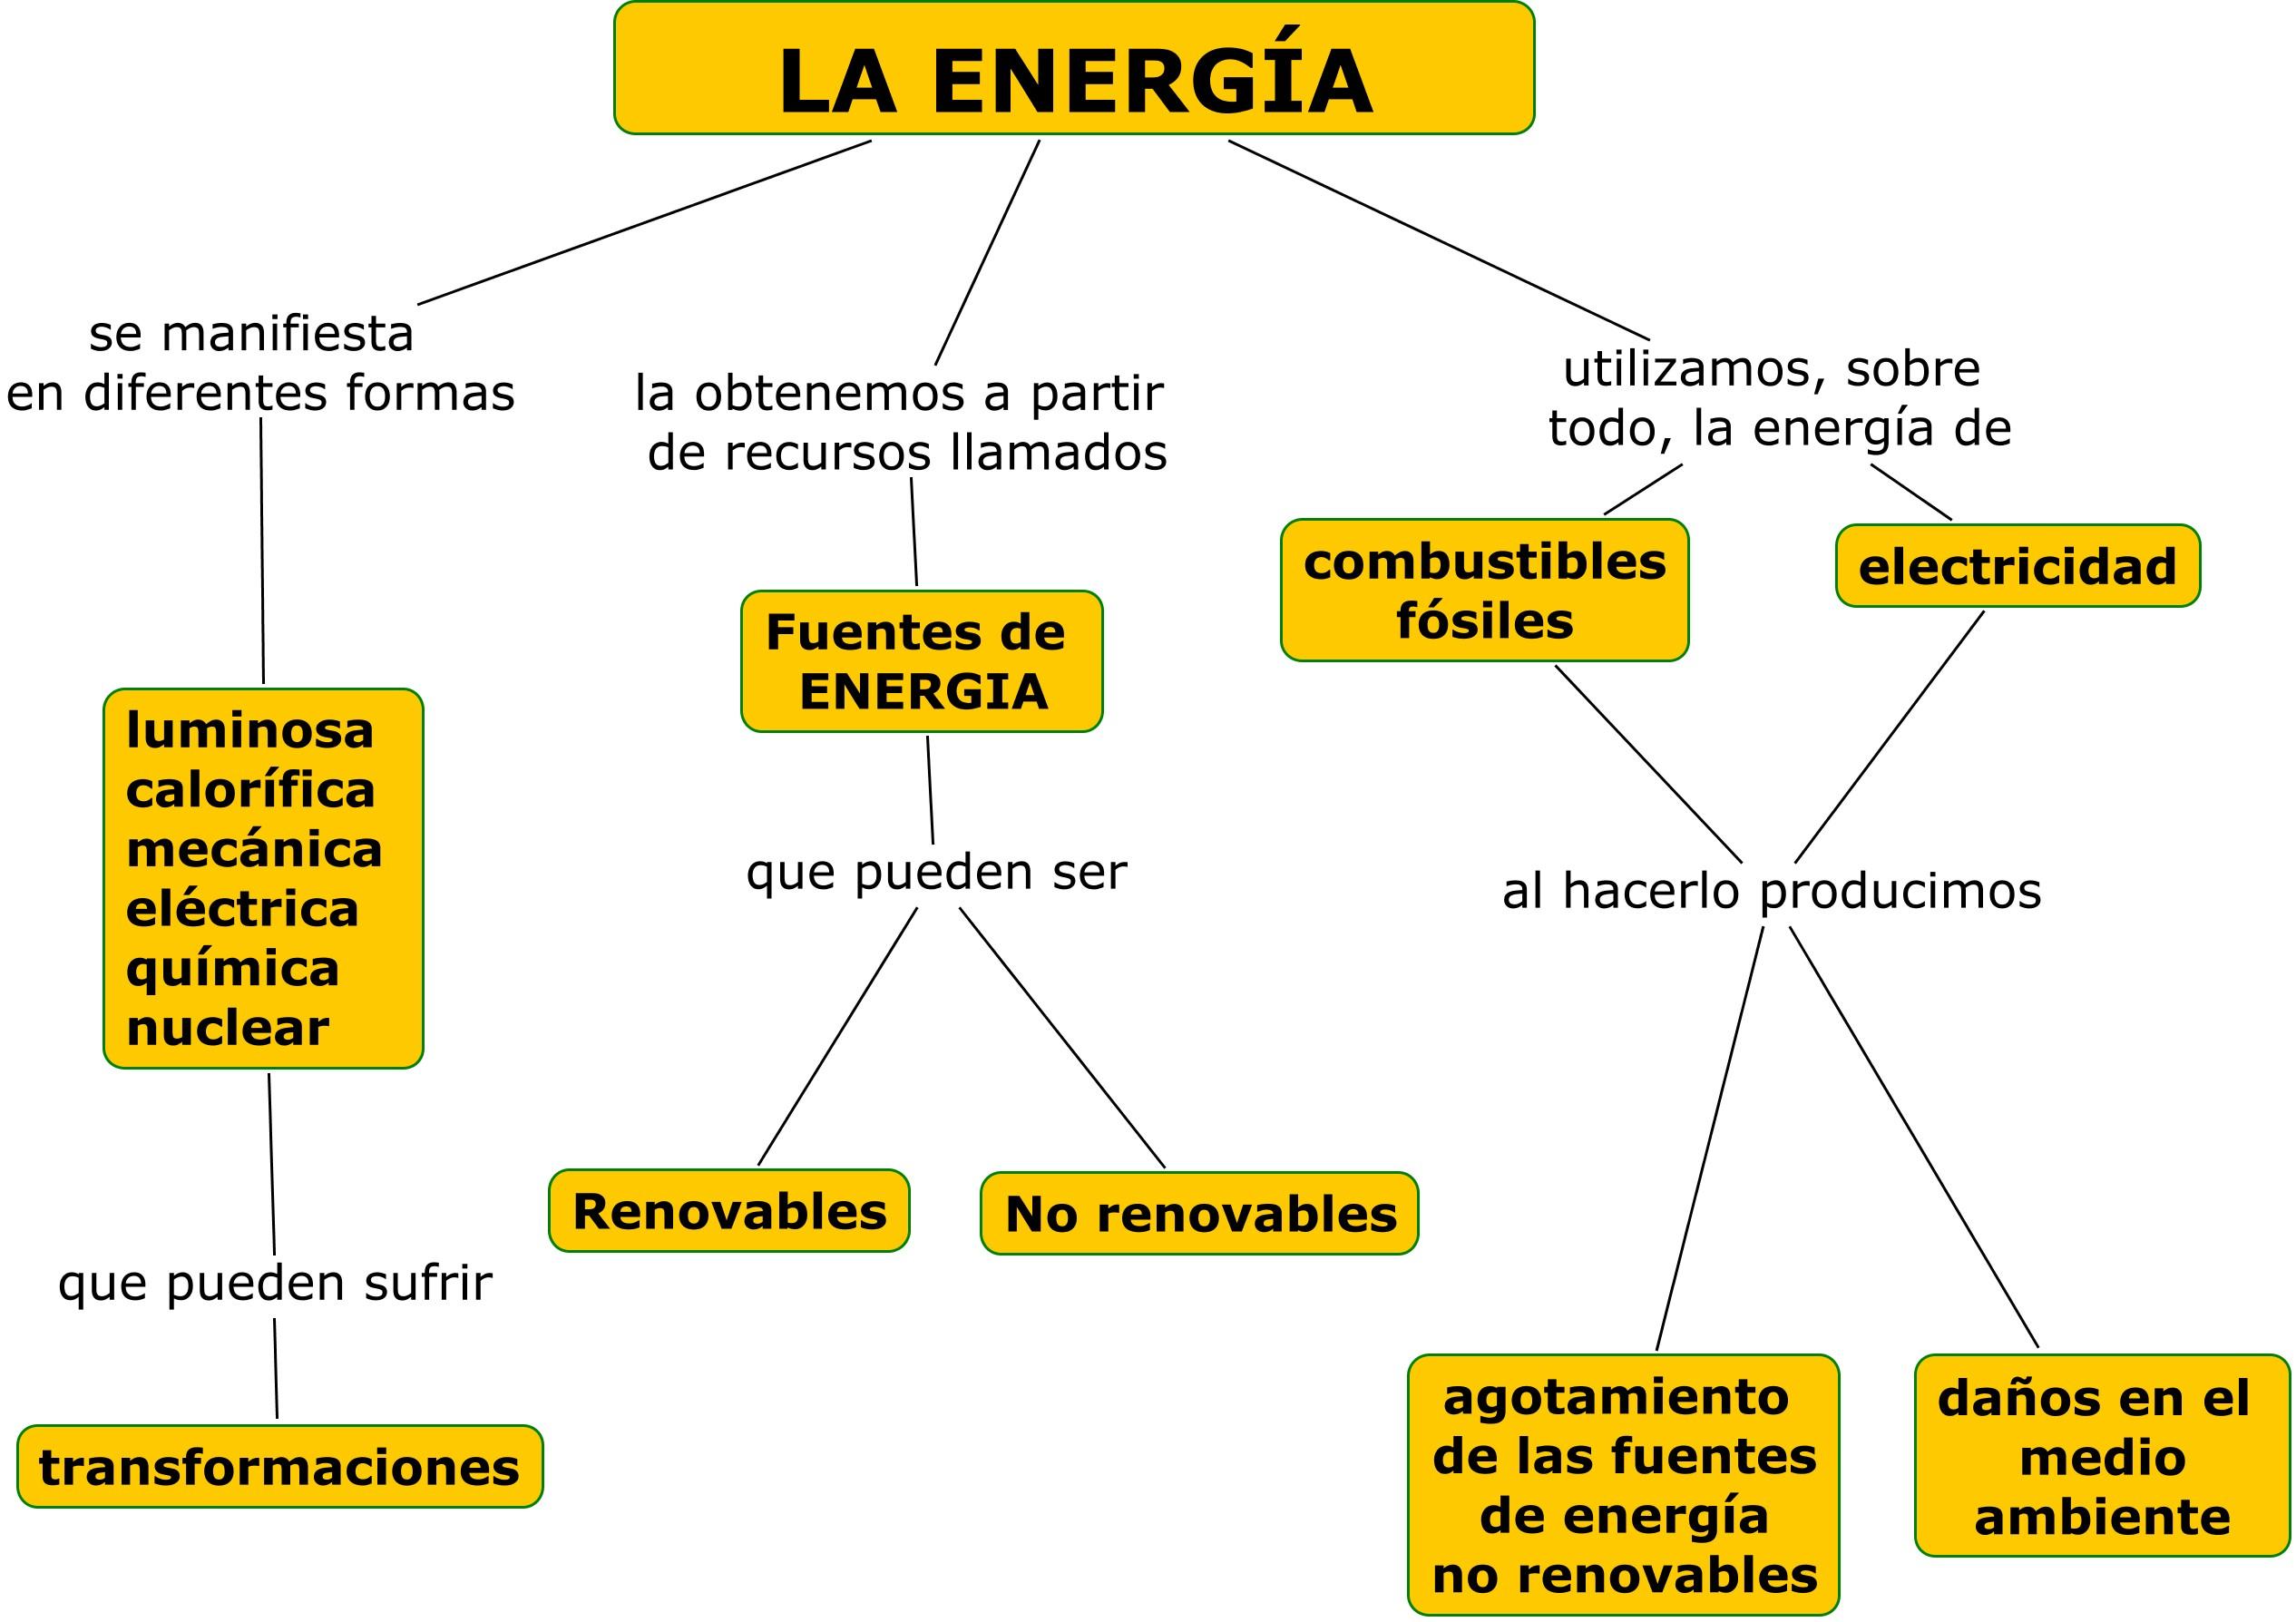 Calle Energía | La Ventana de José Miguel Luque